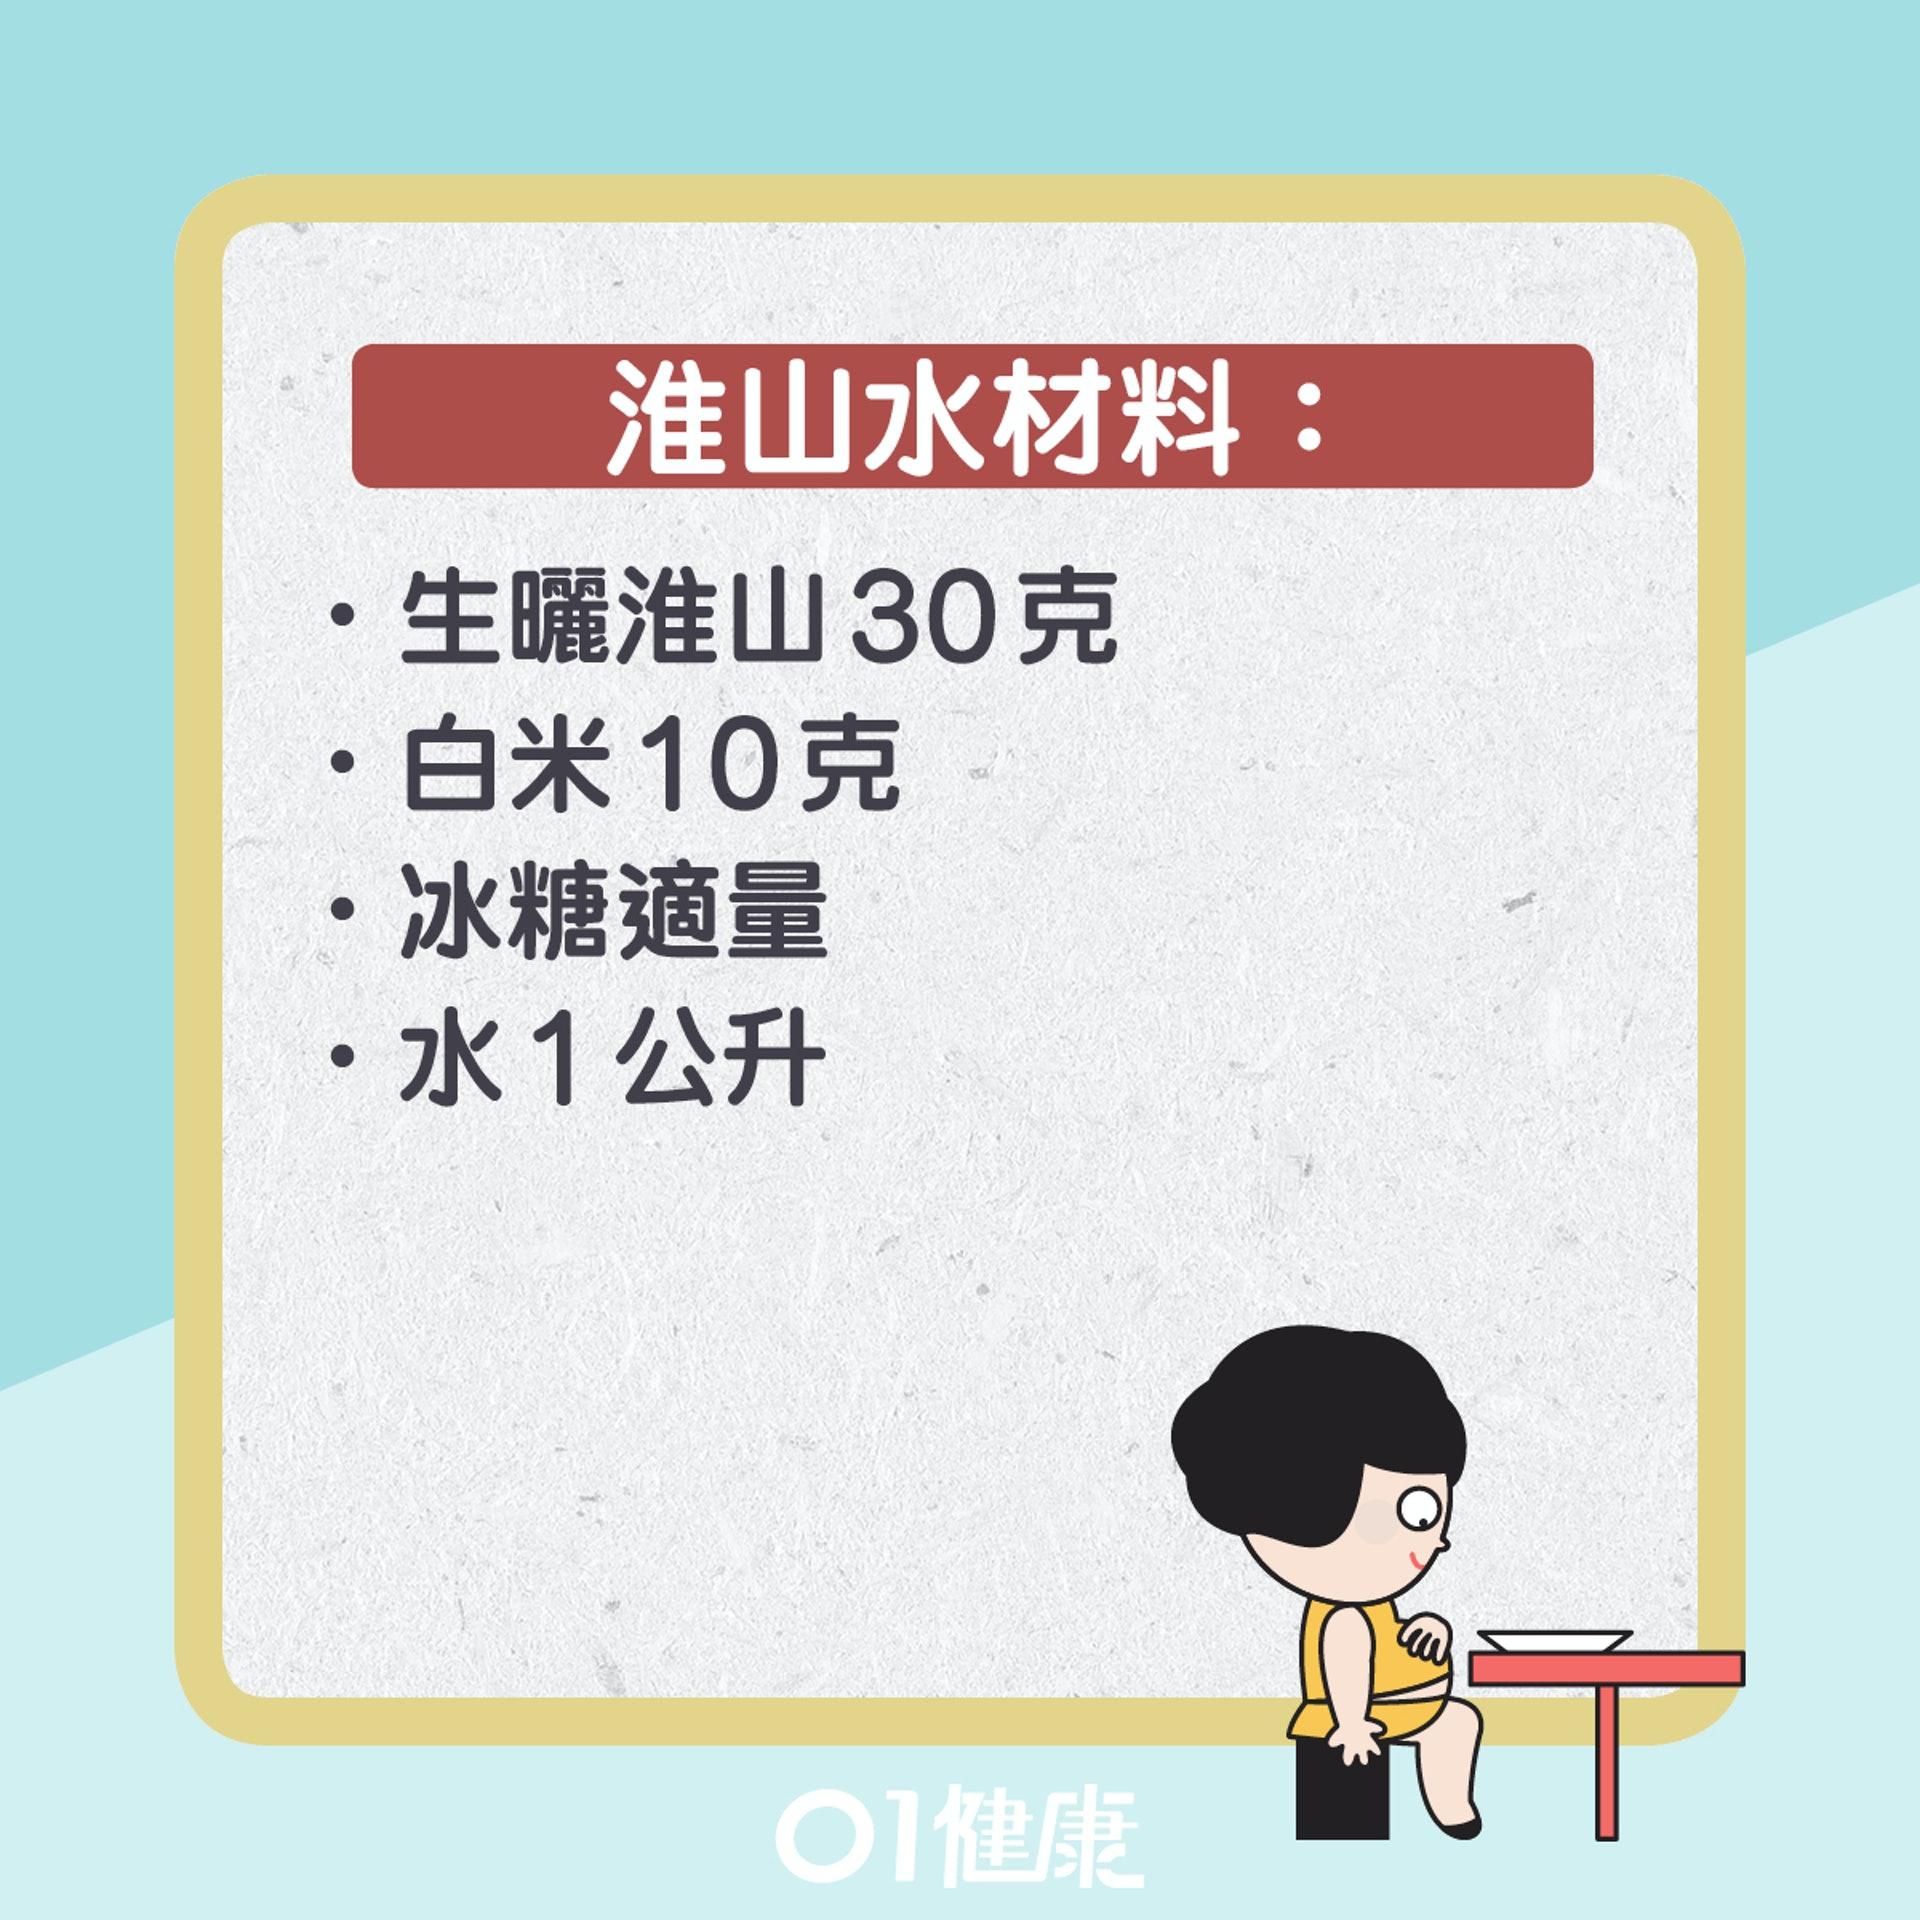 淮山水(01製圖)